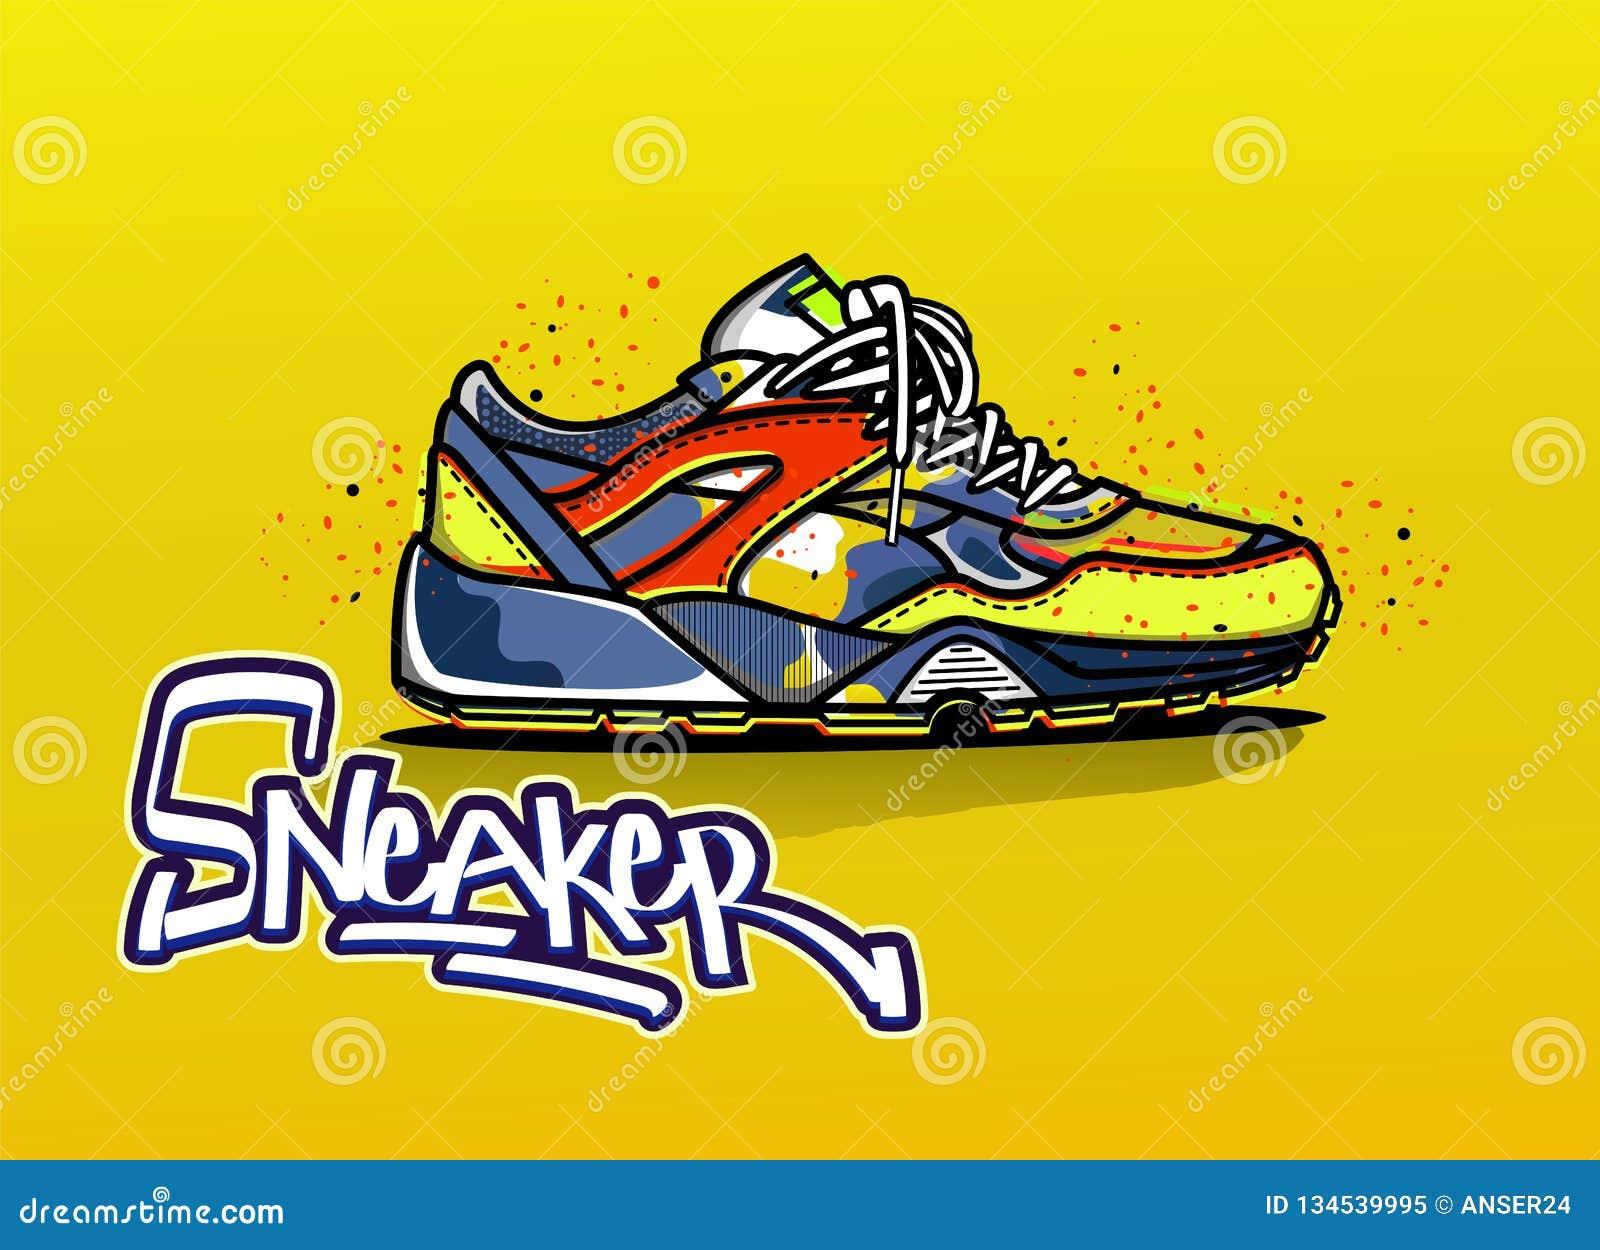 Иллюстрация тапок в цвете спорт ботинок